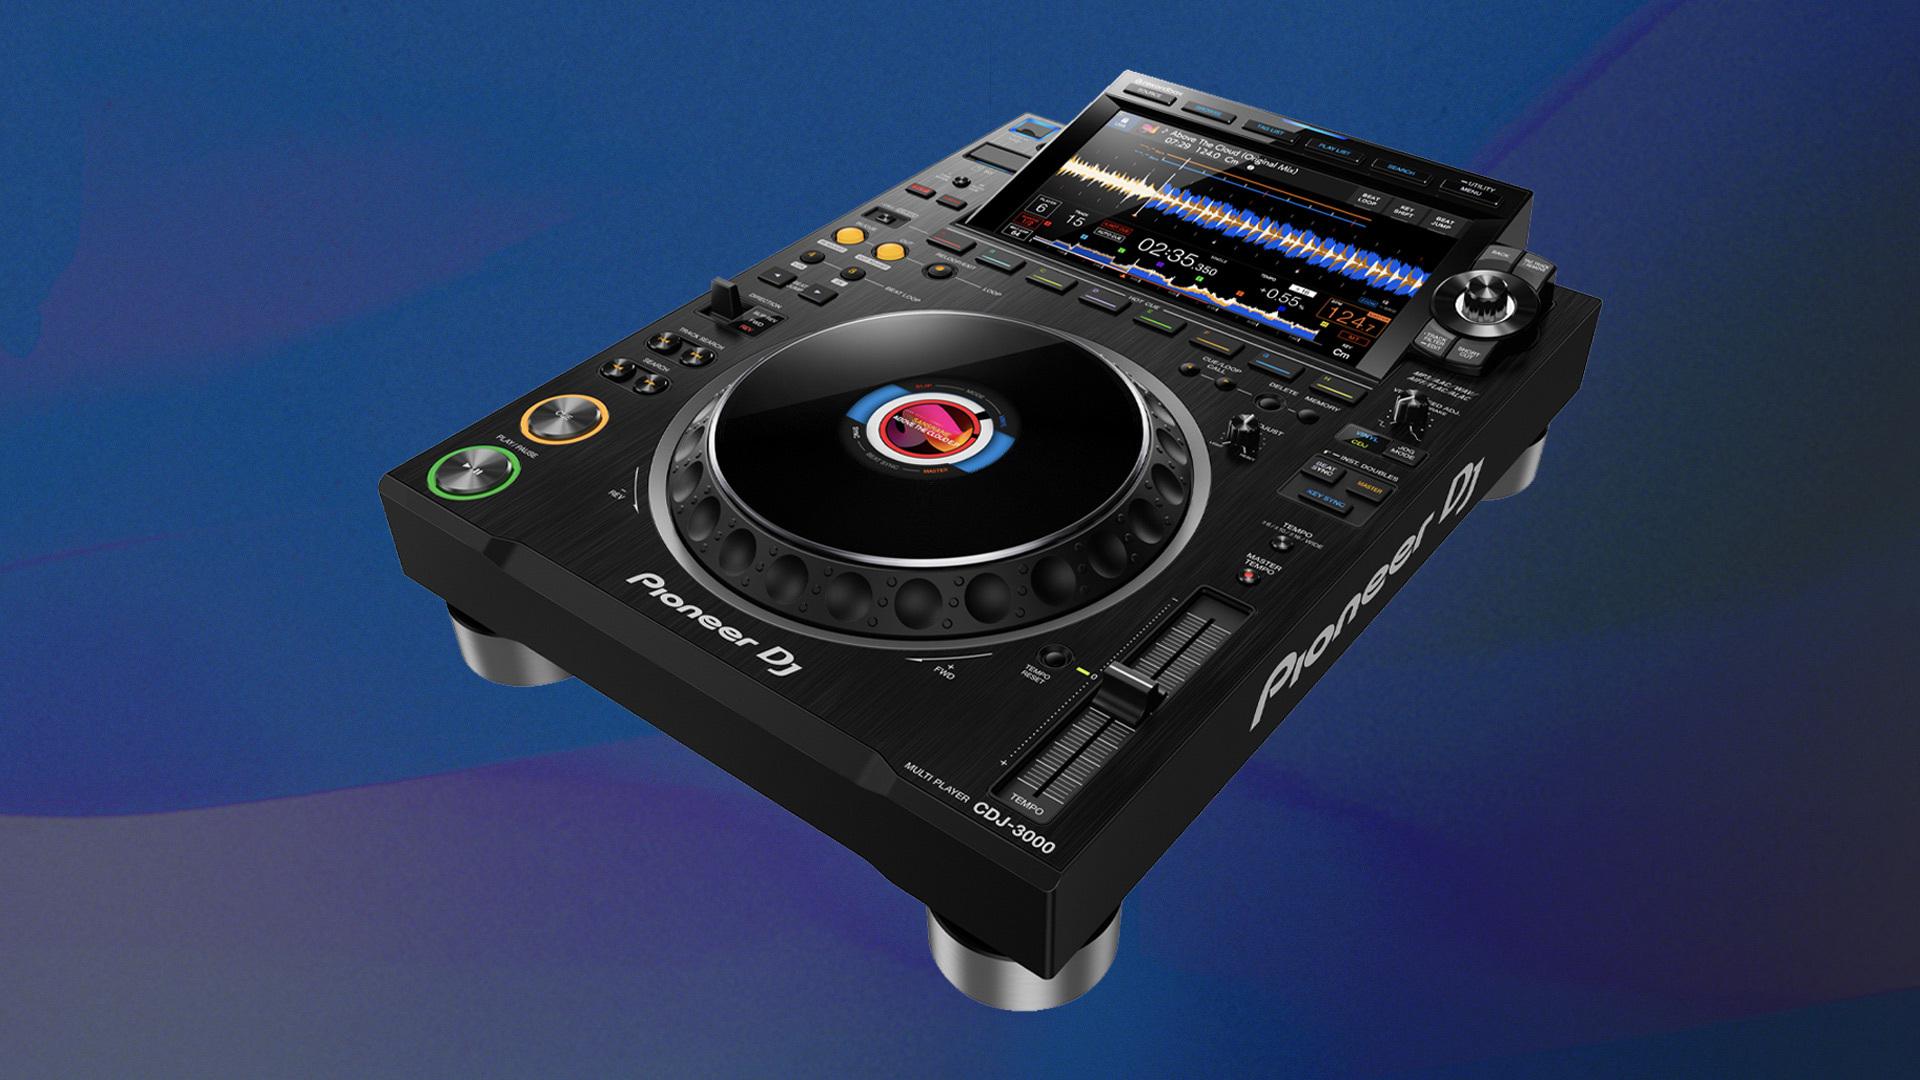 Plongez-vous dans la nouvelle ère des DJ avec le CDJ-3000!